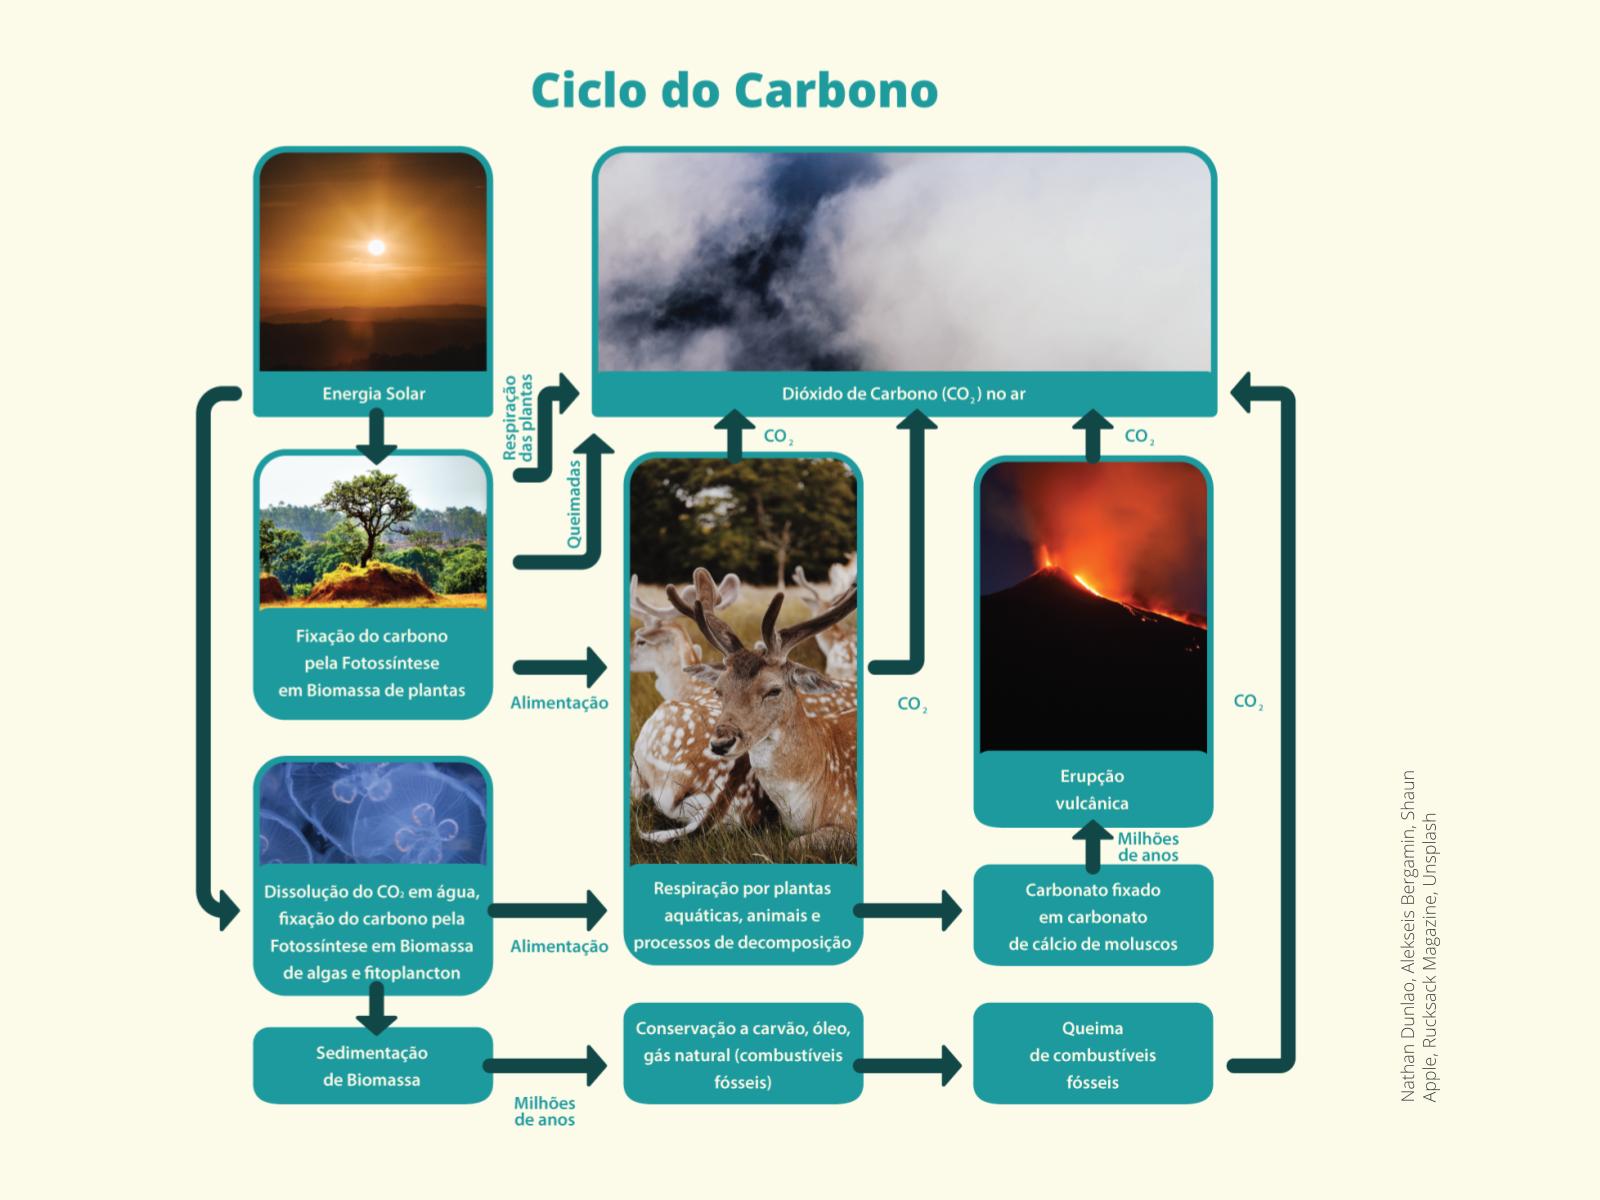 Sequestro de carbono